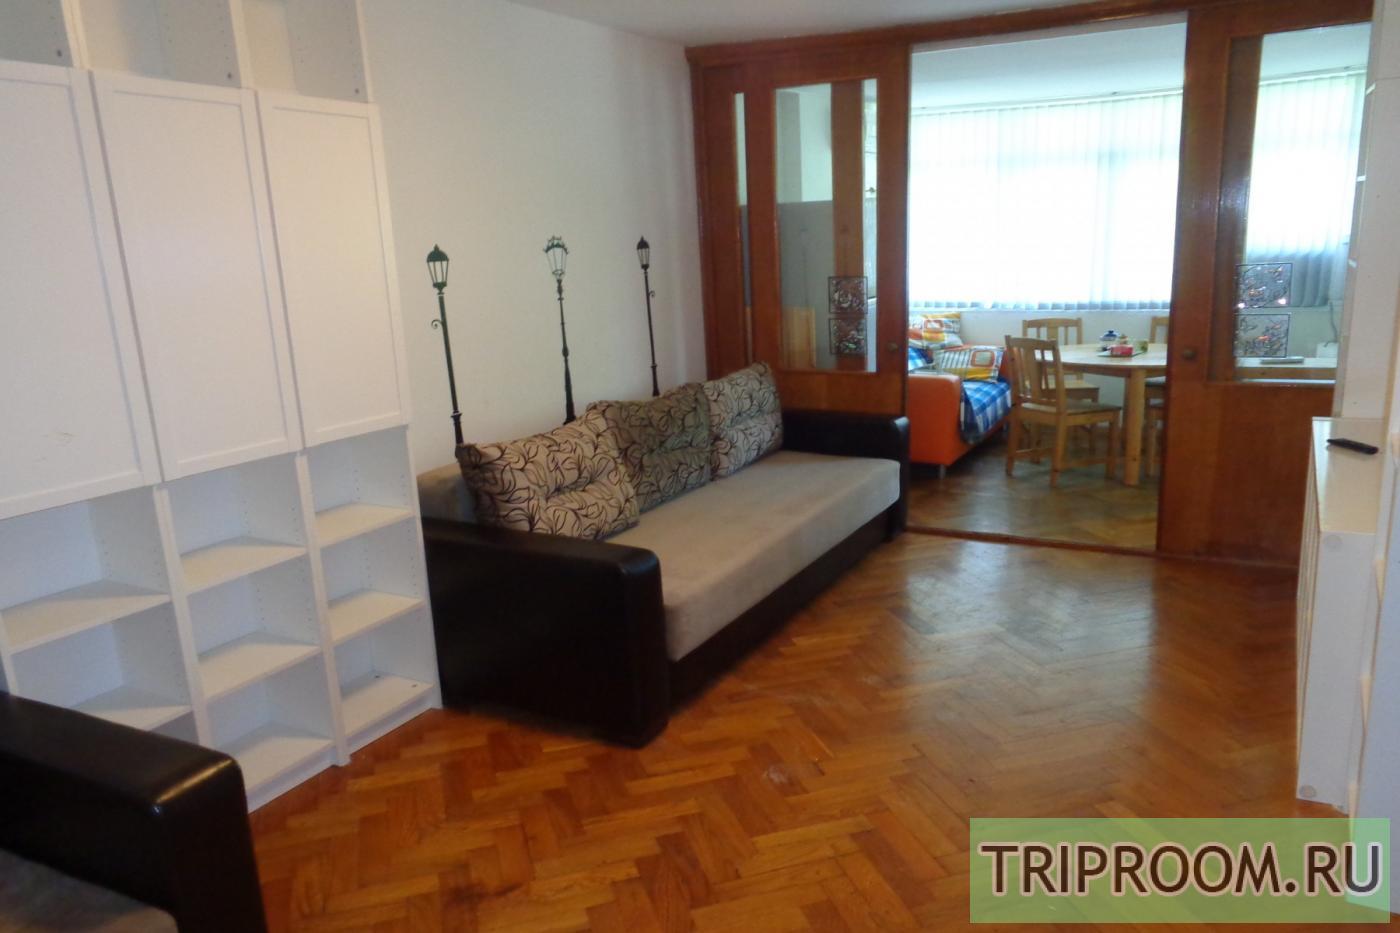 2-комнатная квартира посуточно (вариант № 6980), ул. Воровского улица, фото № 14